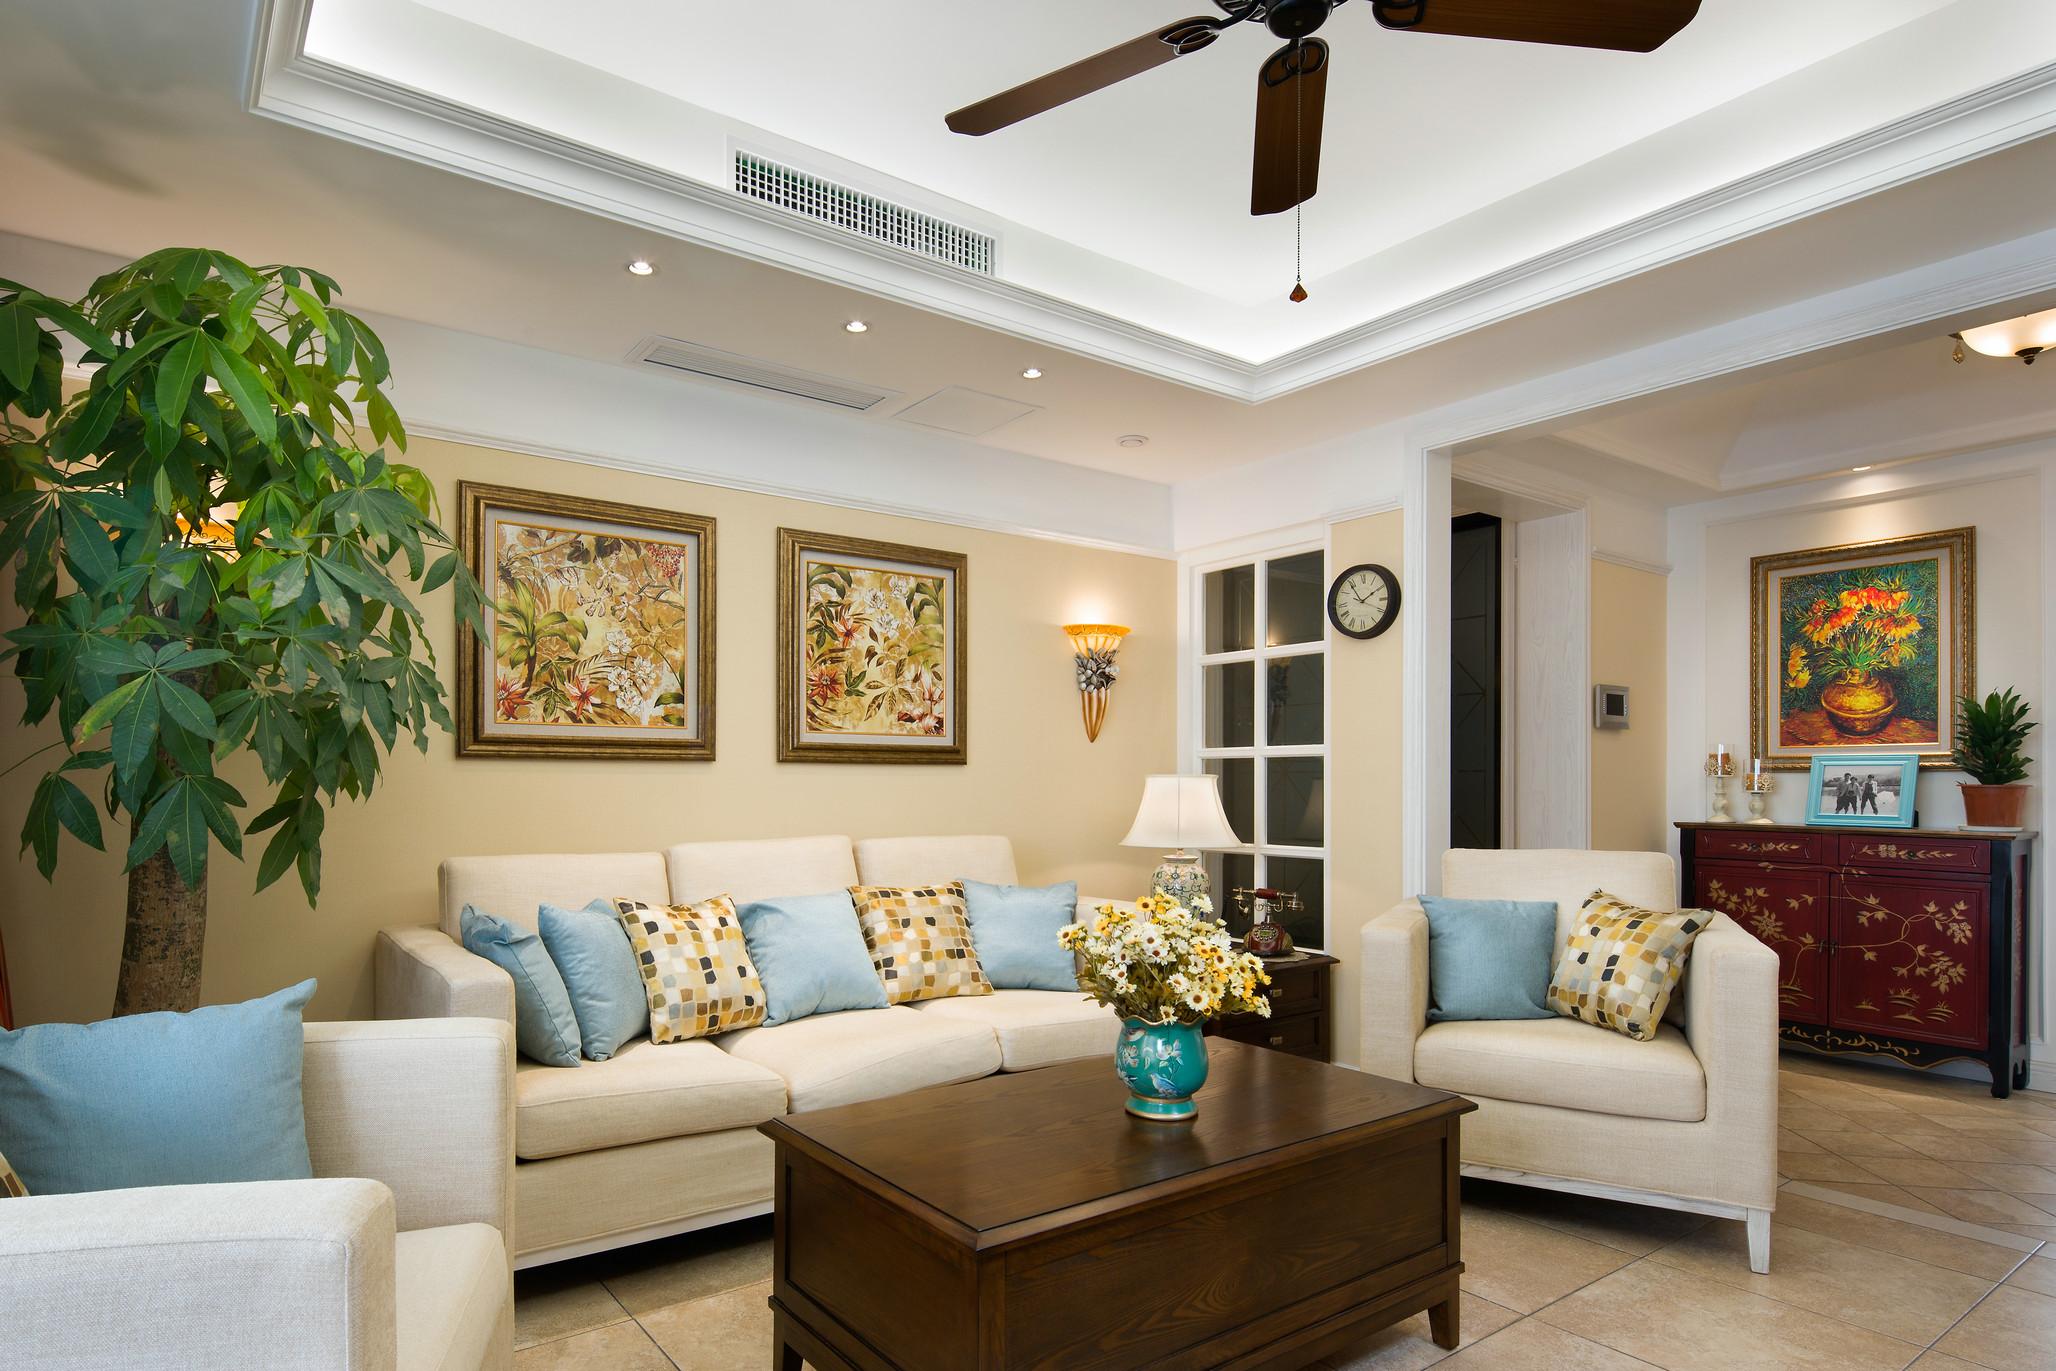 屋子的整体色调是浅色淡雅的,深色的吊扇与原木桌子,为房间增加了一些稳重。